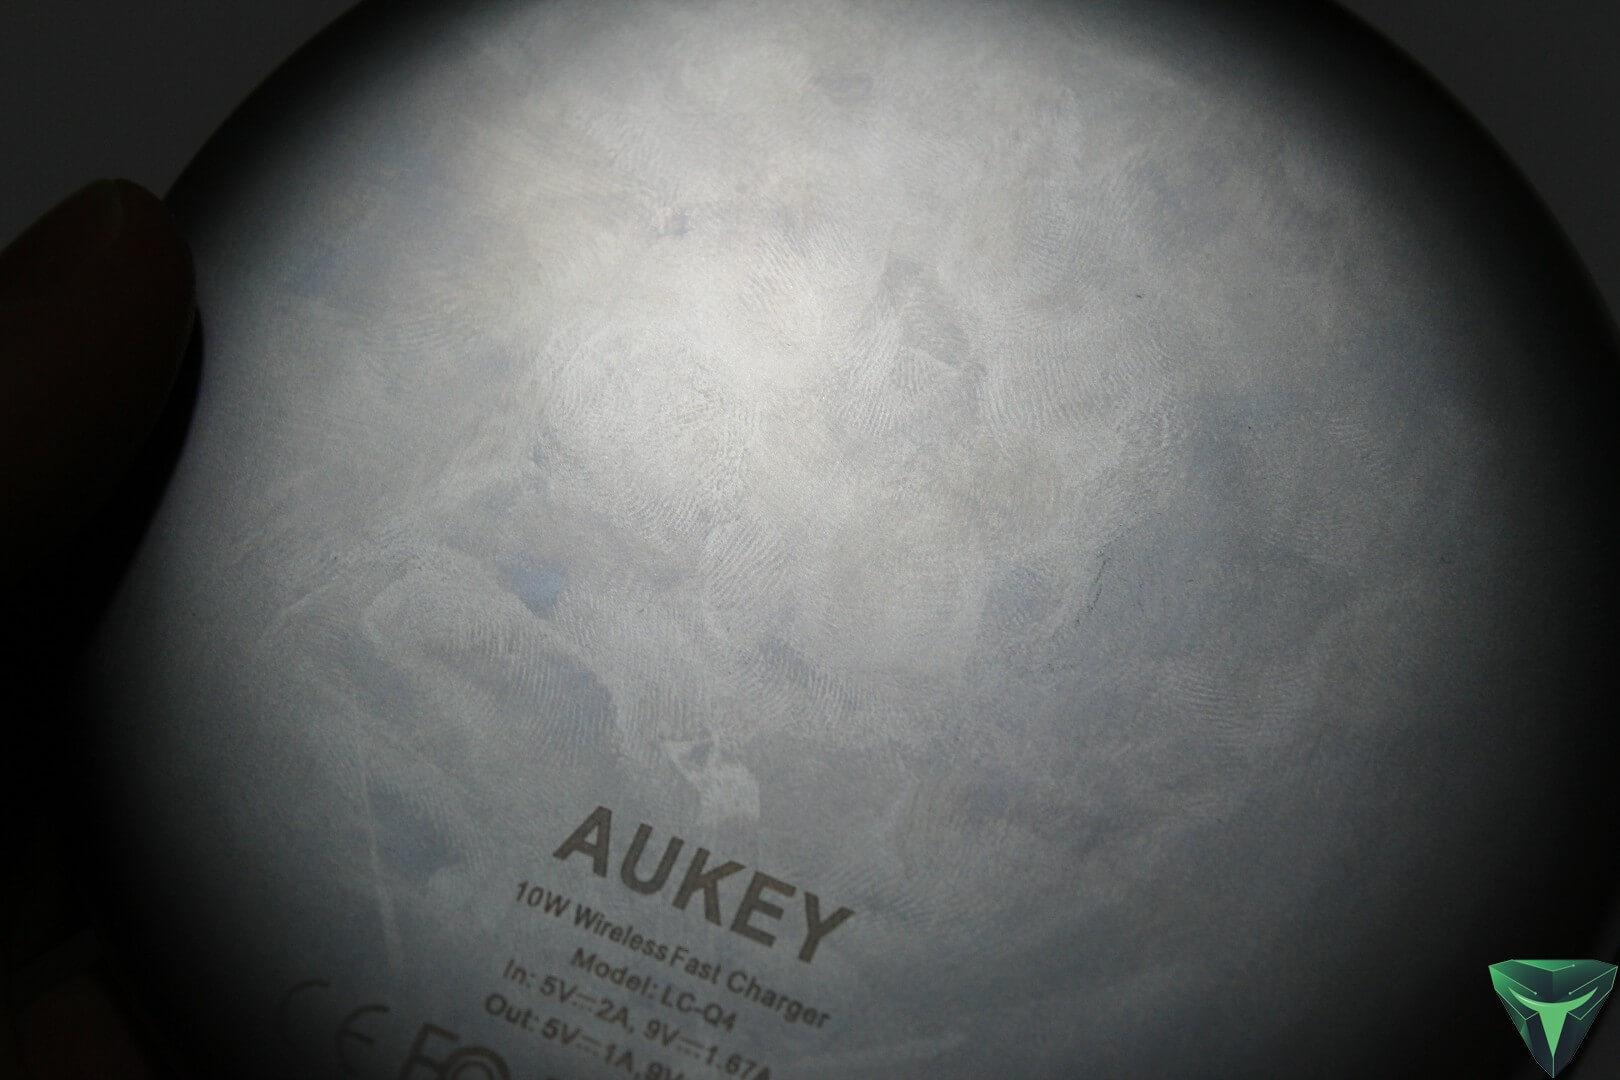 Aukey Caricatore wireless rapido LC-Q4 recensione